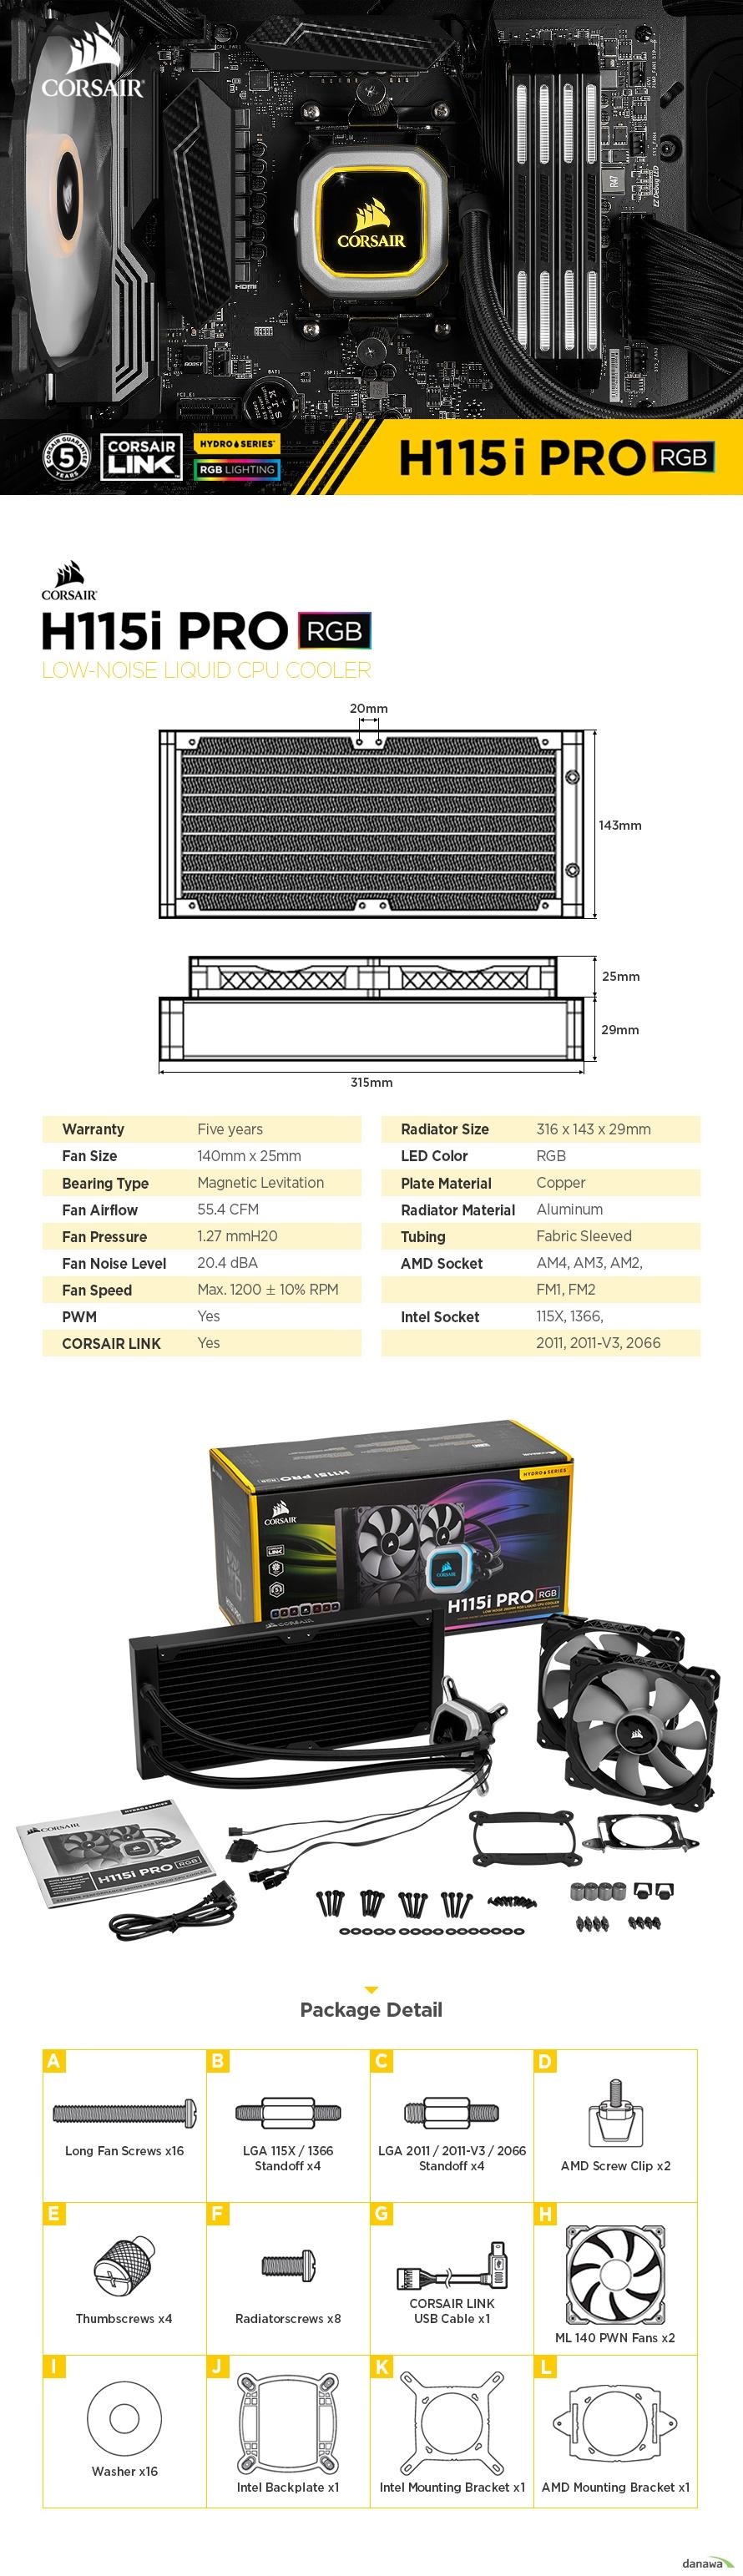 140mm x 25mm, Magnetic Levitation, 55.4 CFM, 1.27 mmH20, Max. 1200 RPM